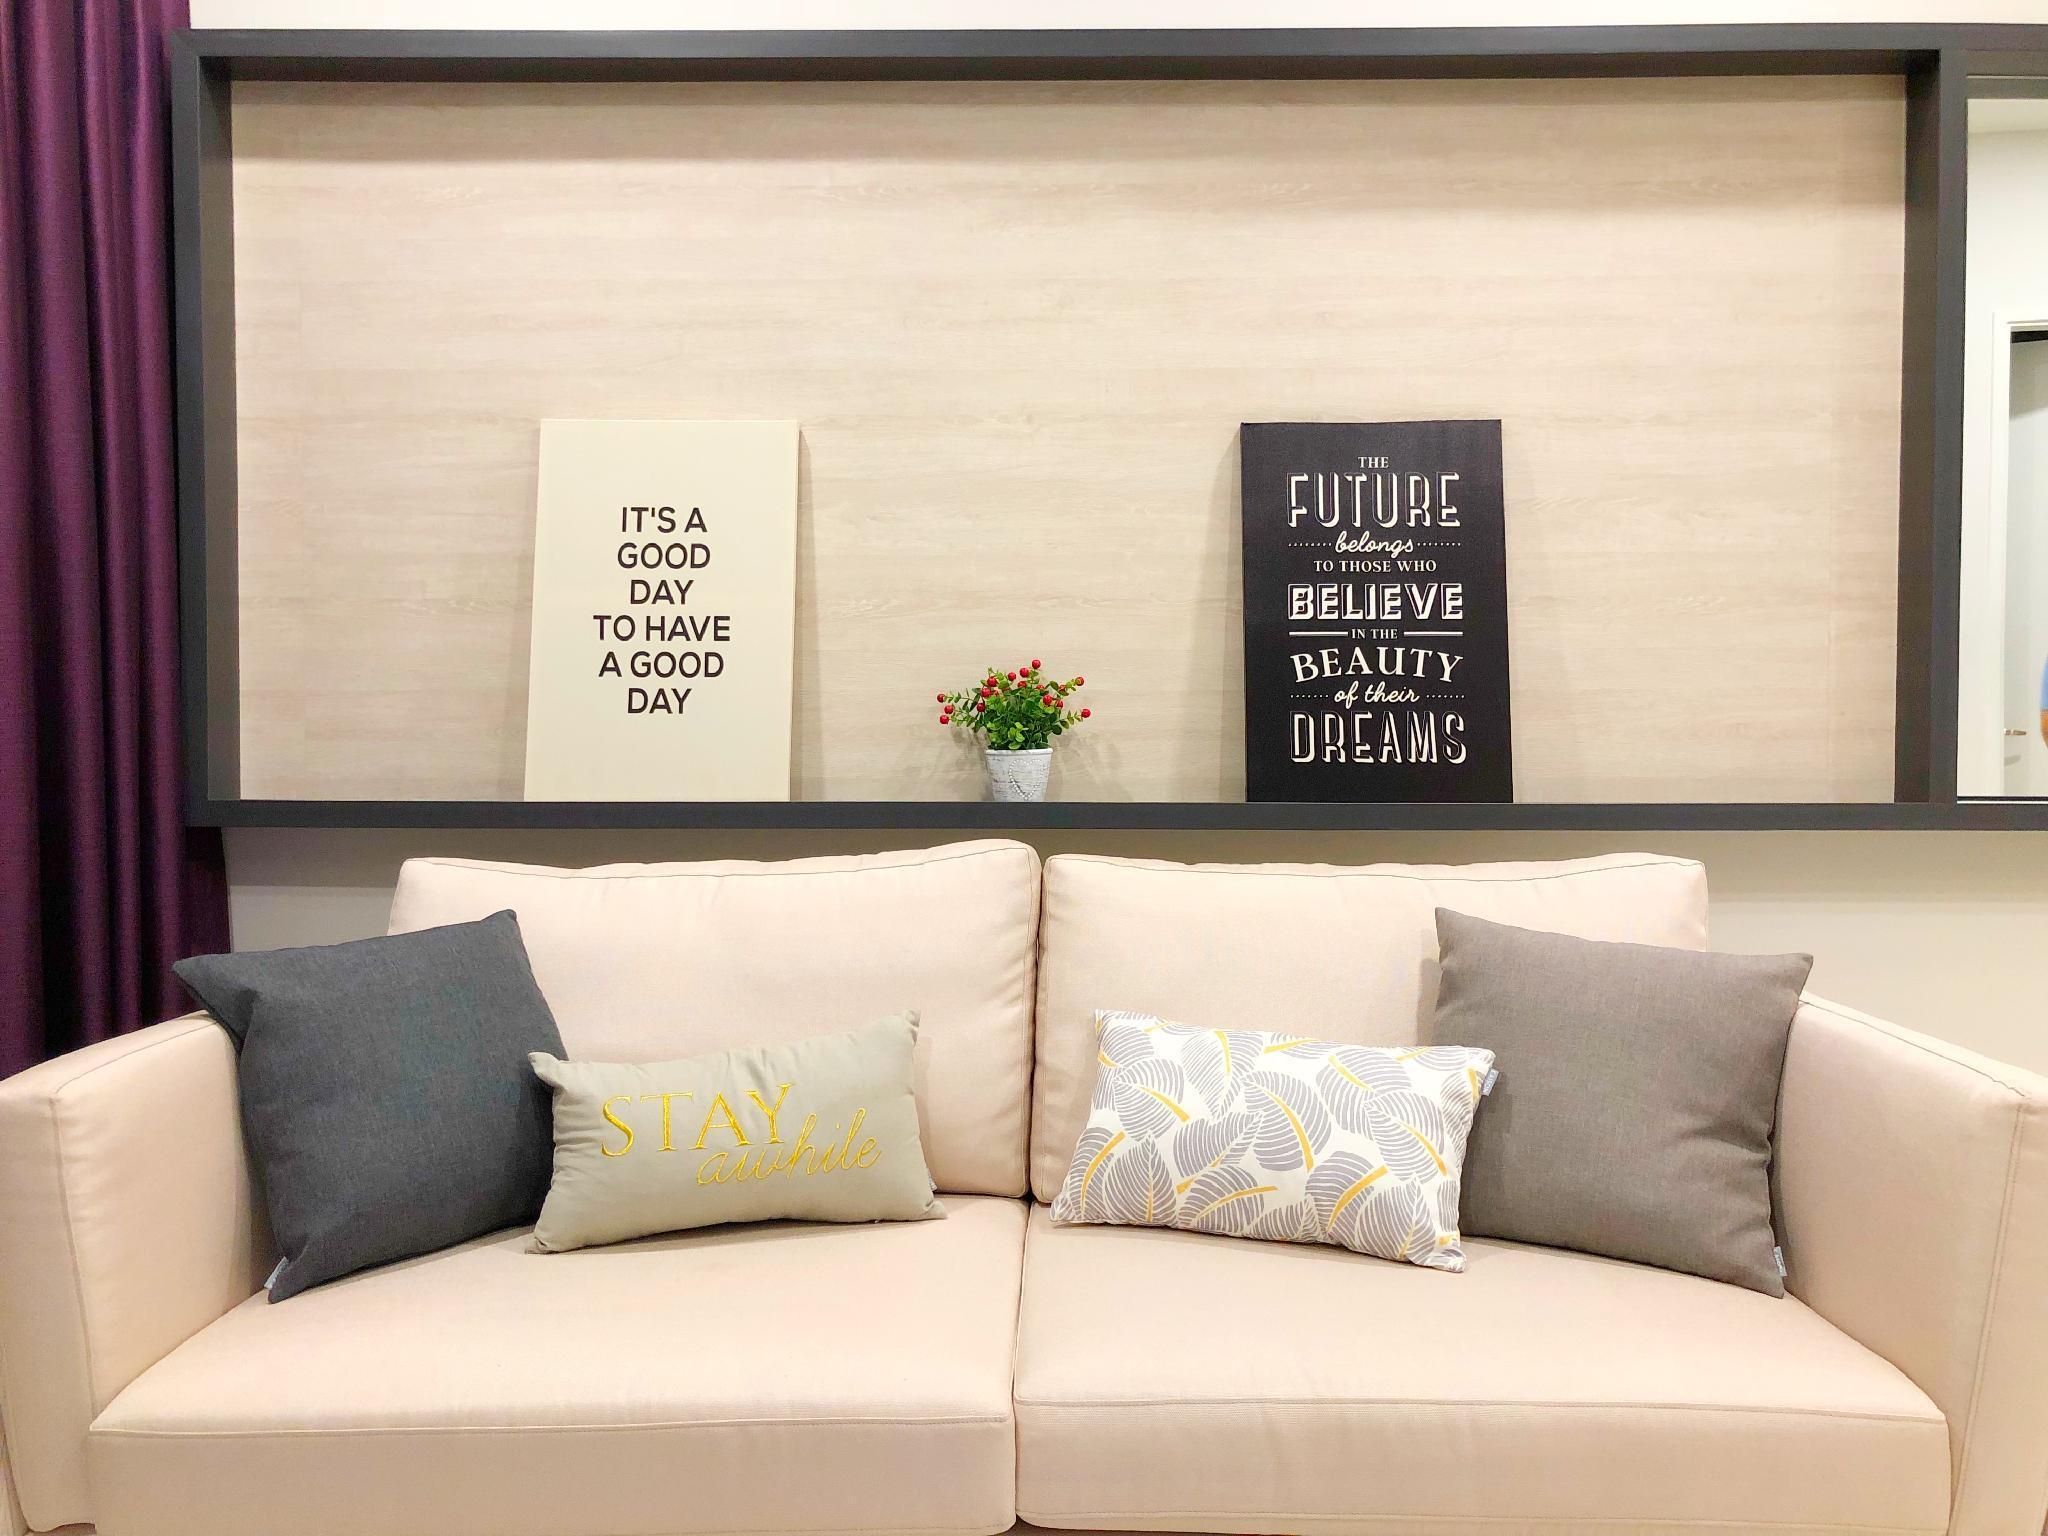 306 Studio Suite One Bedroom Bukit Bintang